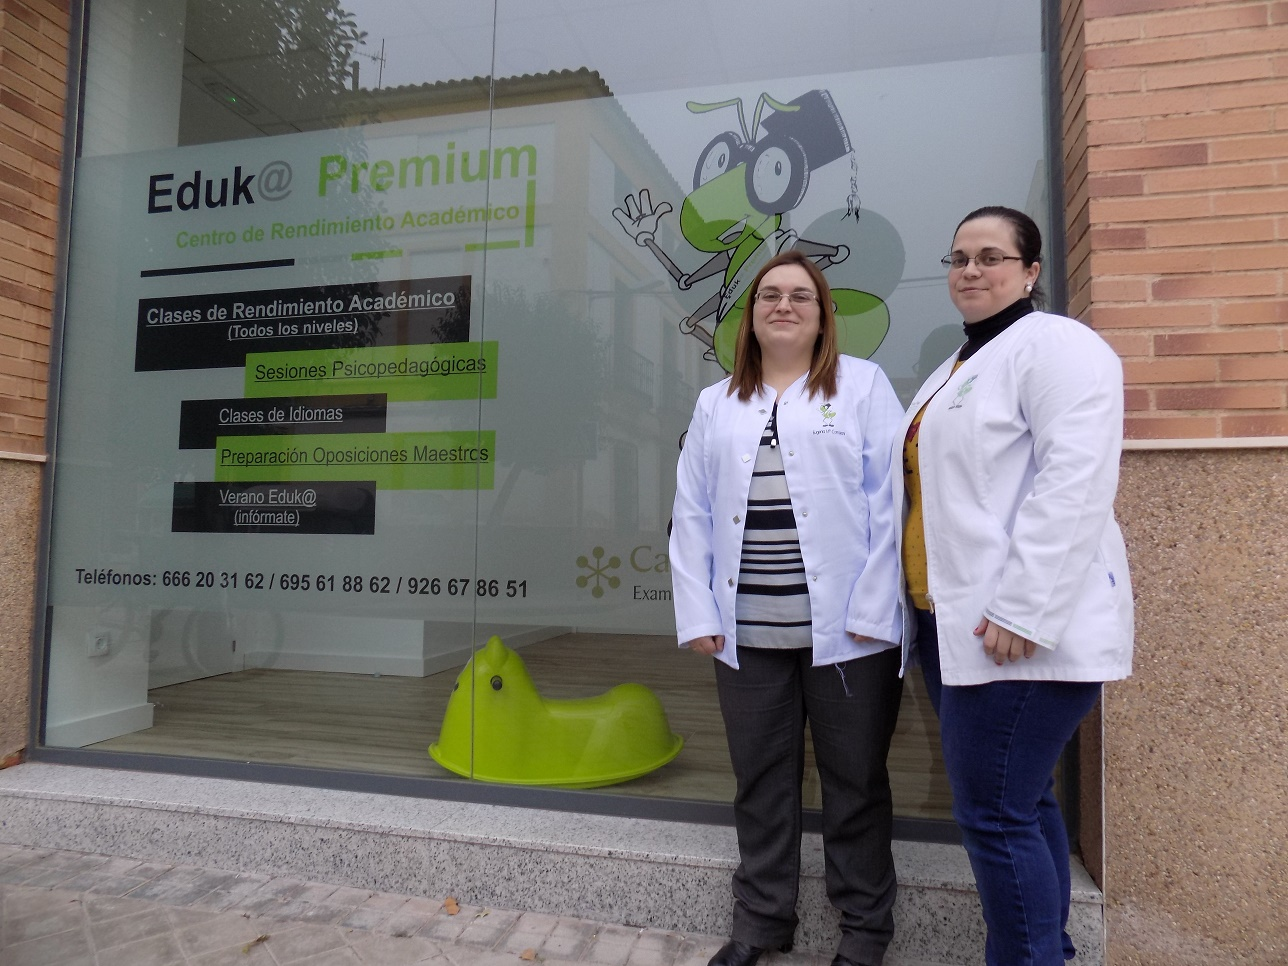 Mejores instalaciones y aulas más amplias en la nueva sede de Academia Eduk@Premium de Alcázar de San Juan